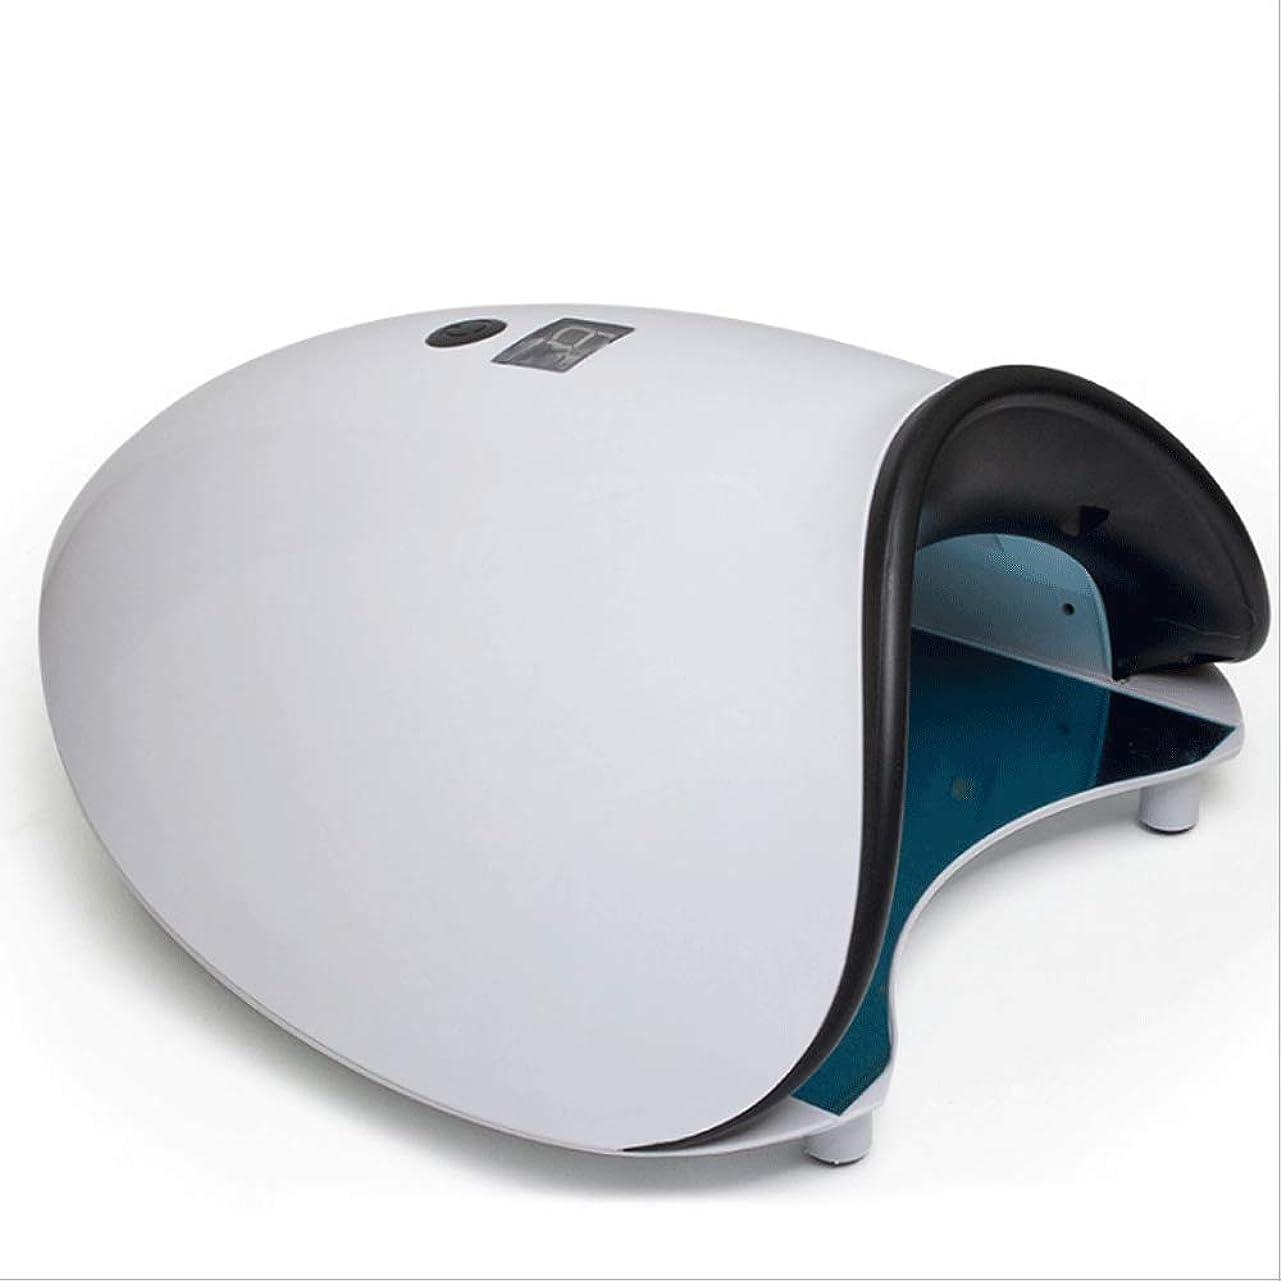 医学構想する無駄なネイル光線療法機 ネイルドライヤー - ネイルライトプロフェッショナルUVネイルドライヤー、ゲルポリッシング用センサーとデュアルスピード